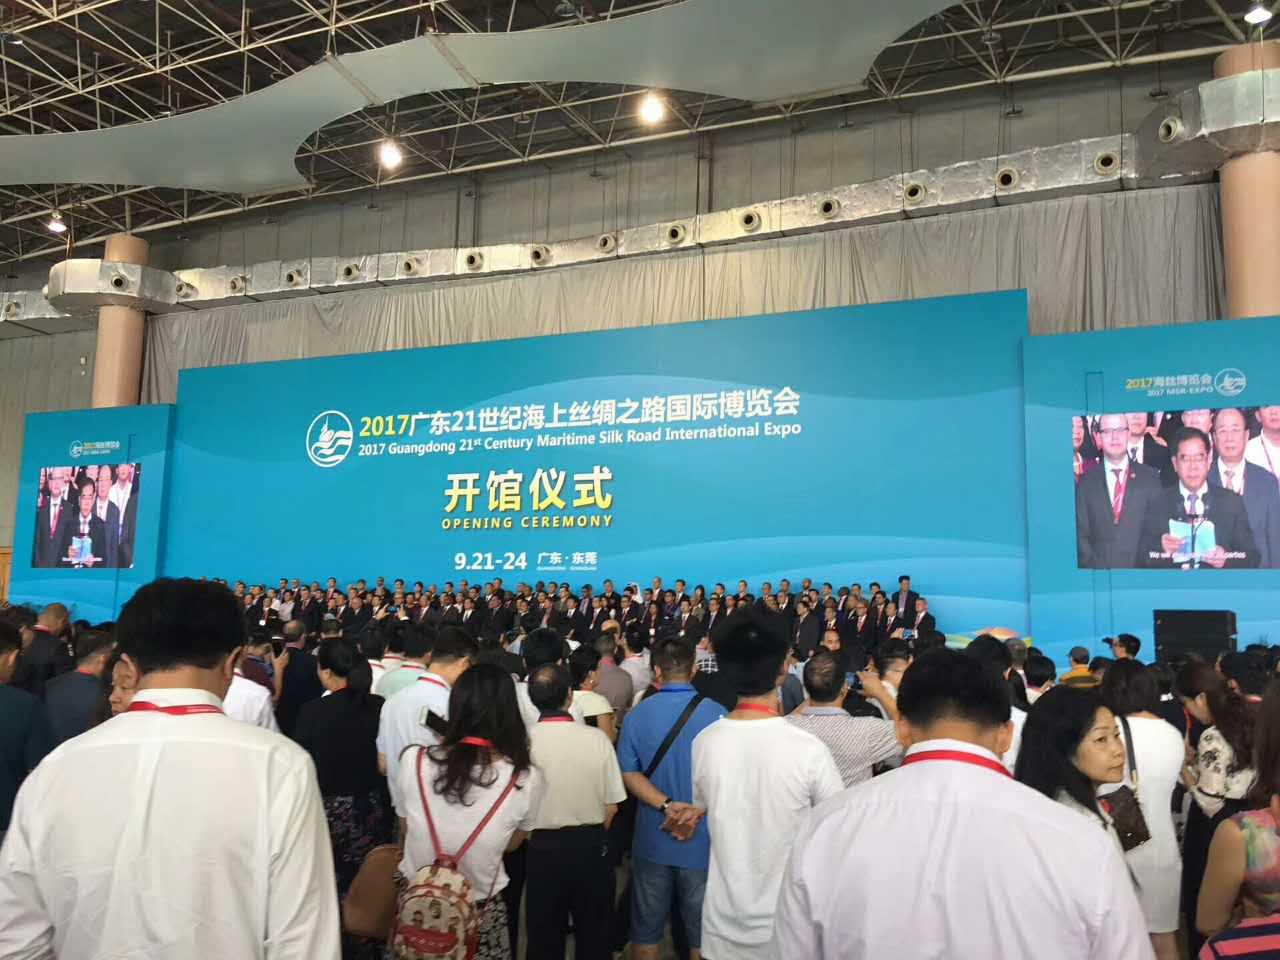 2017广东21世纪海上丝绸之路国际博览会